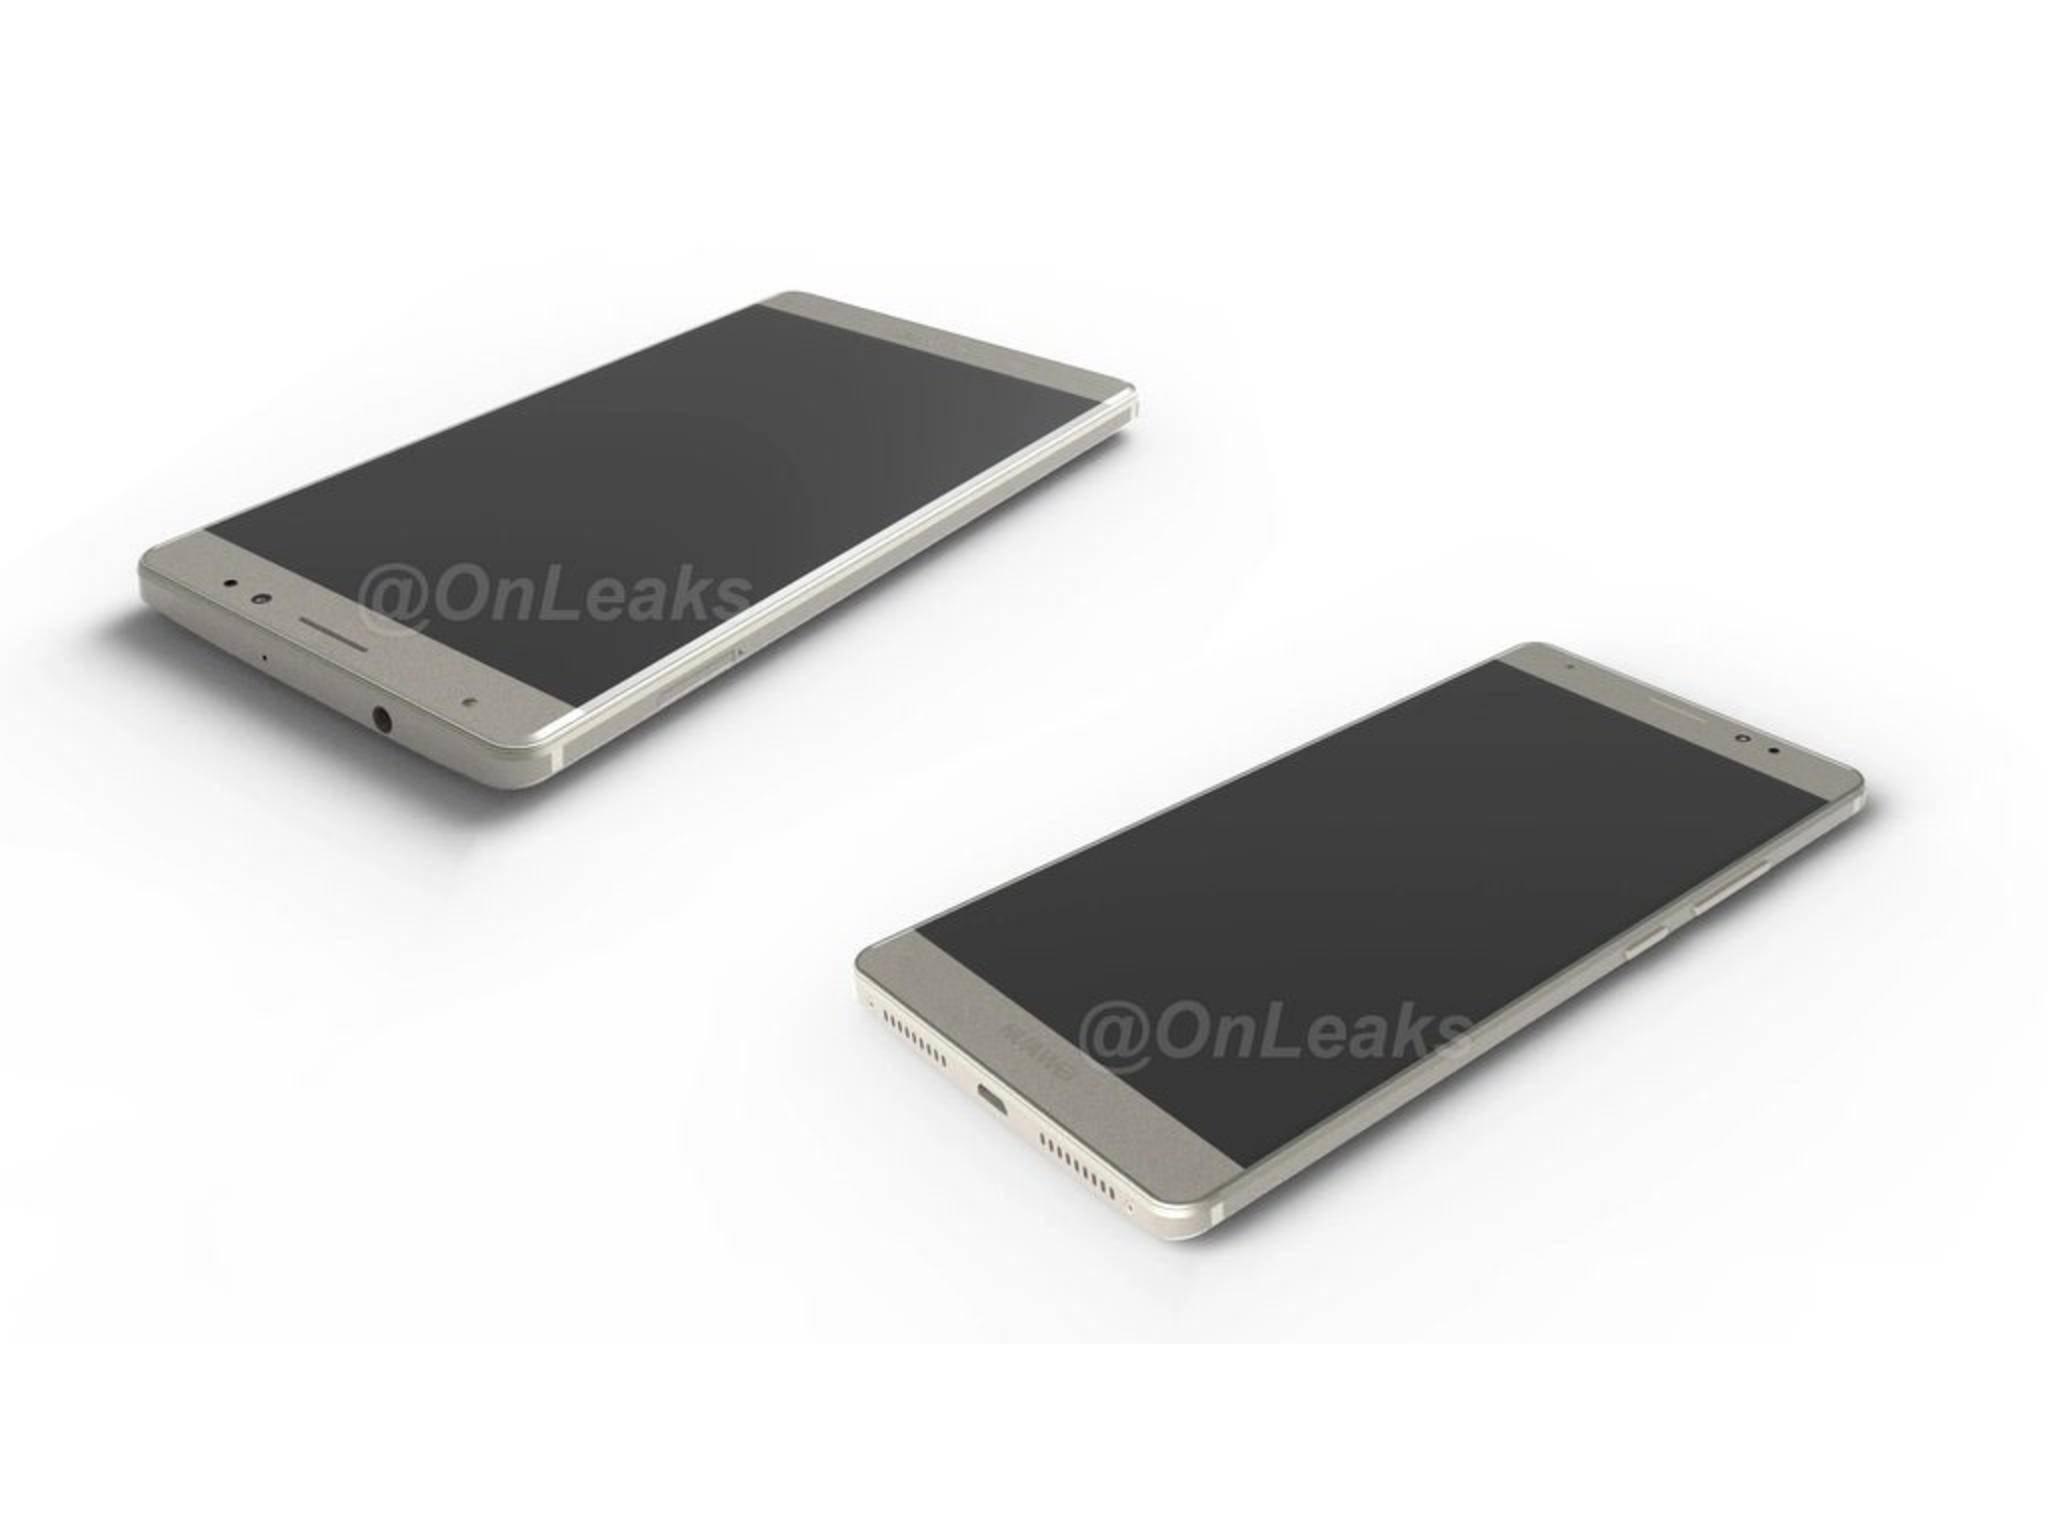 Mit der Präsentation des Smartphones wird noch für Ende November gerechnet.